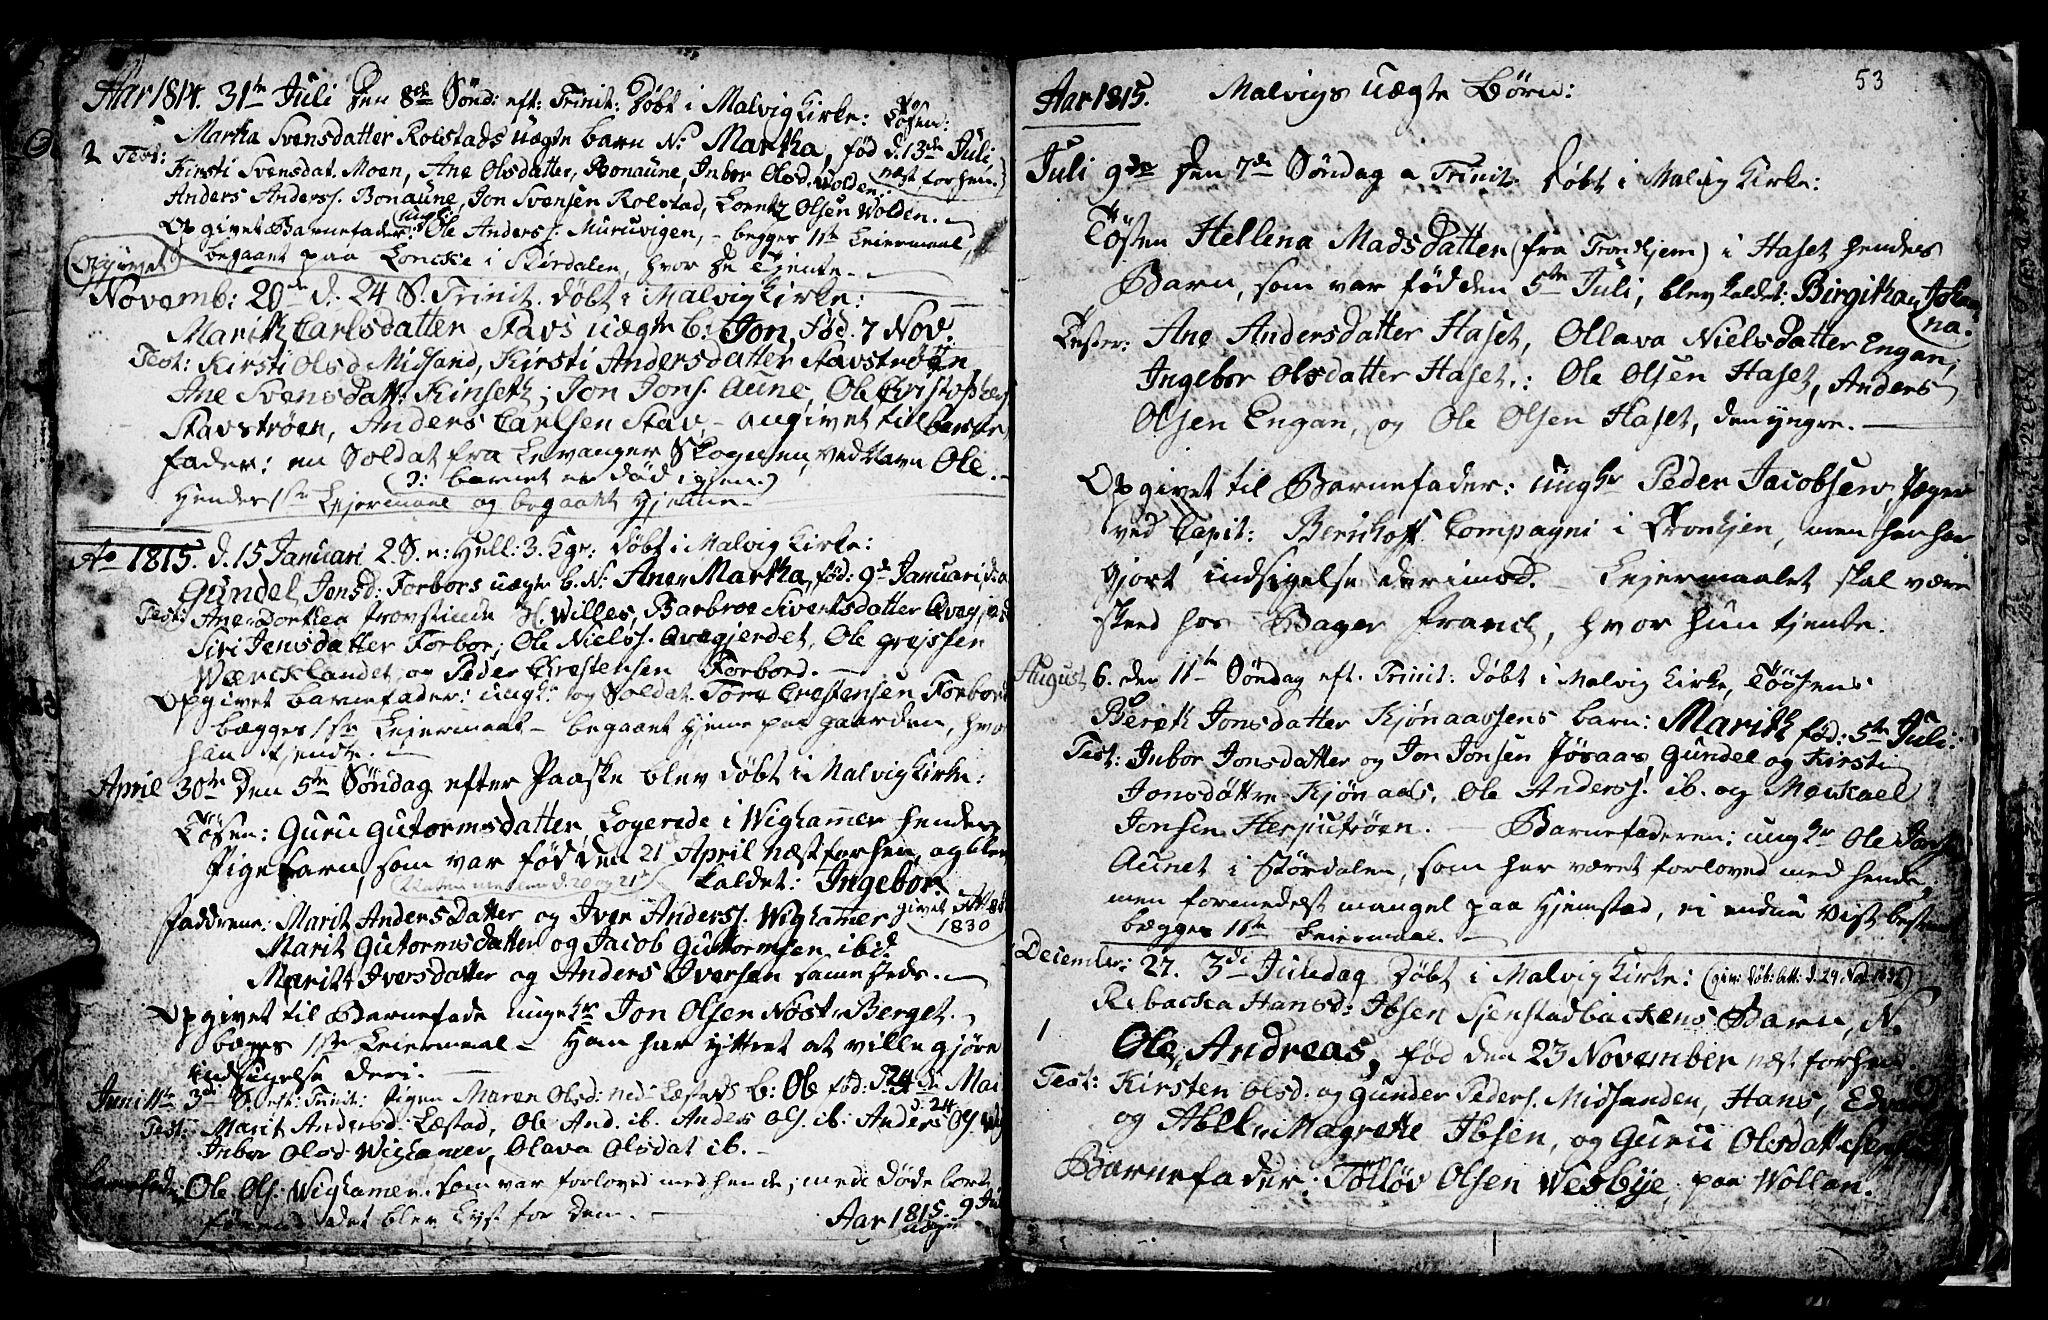 SAT, Ministerialprotokoller, klokkerbøker og fødselsregistre - Sør-Trøndelag, 616/L0419: Klokkerbok nr. 616C02, 1797-1816, s. 53